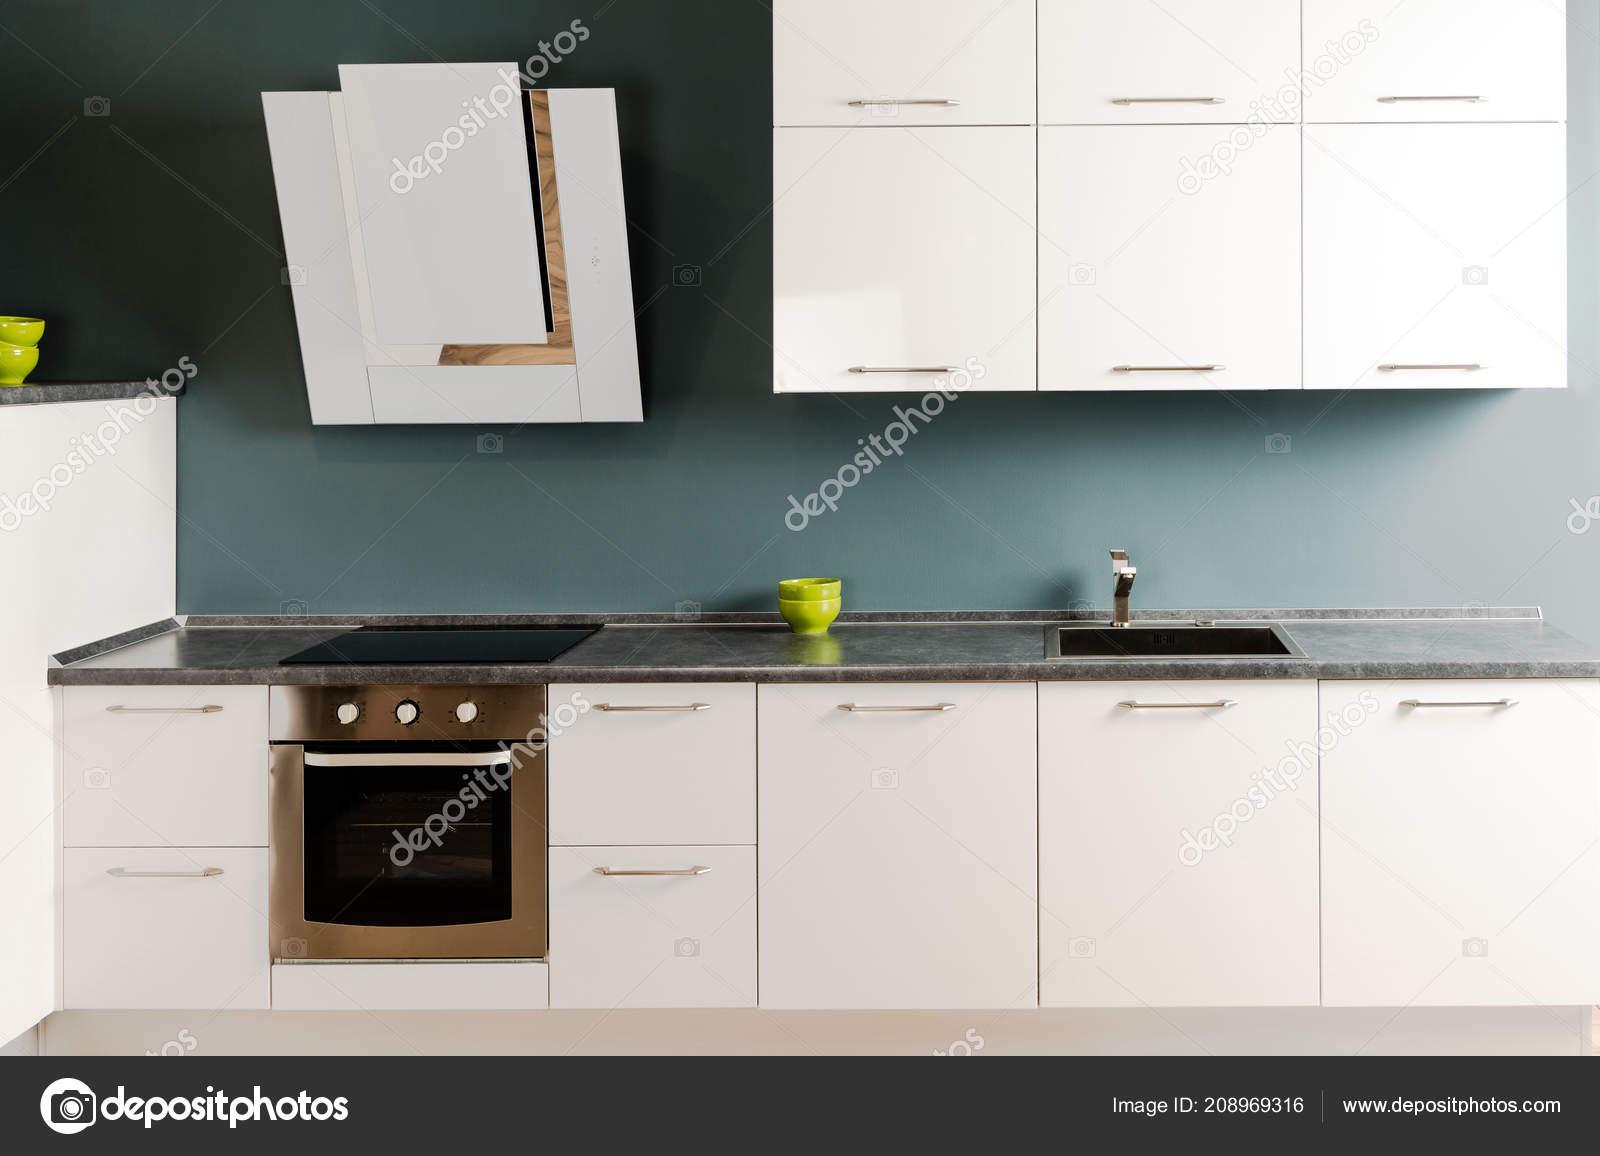 Interieur van moderne keuken met witte aanrecht fornuis oven